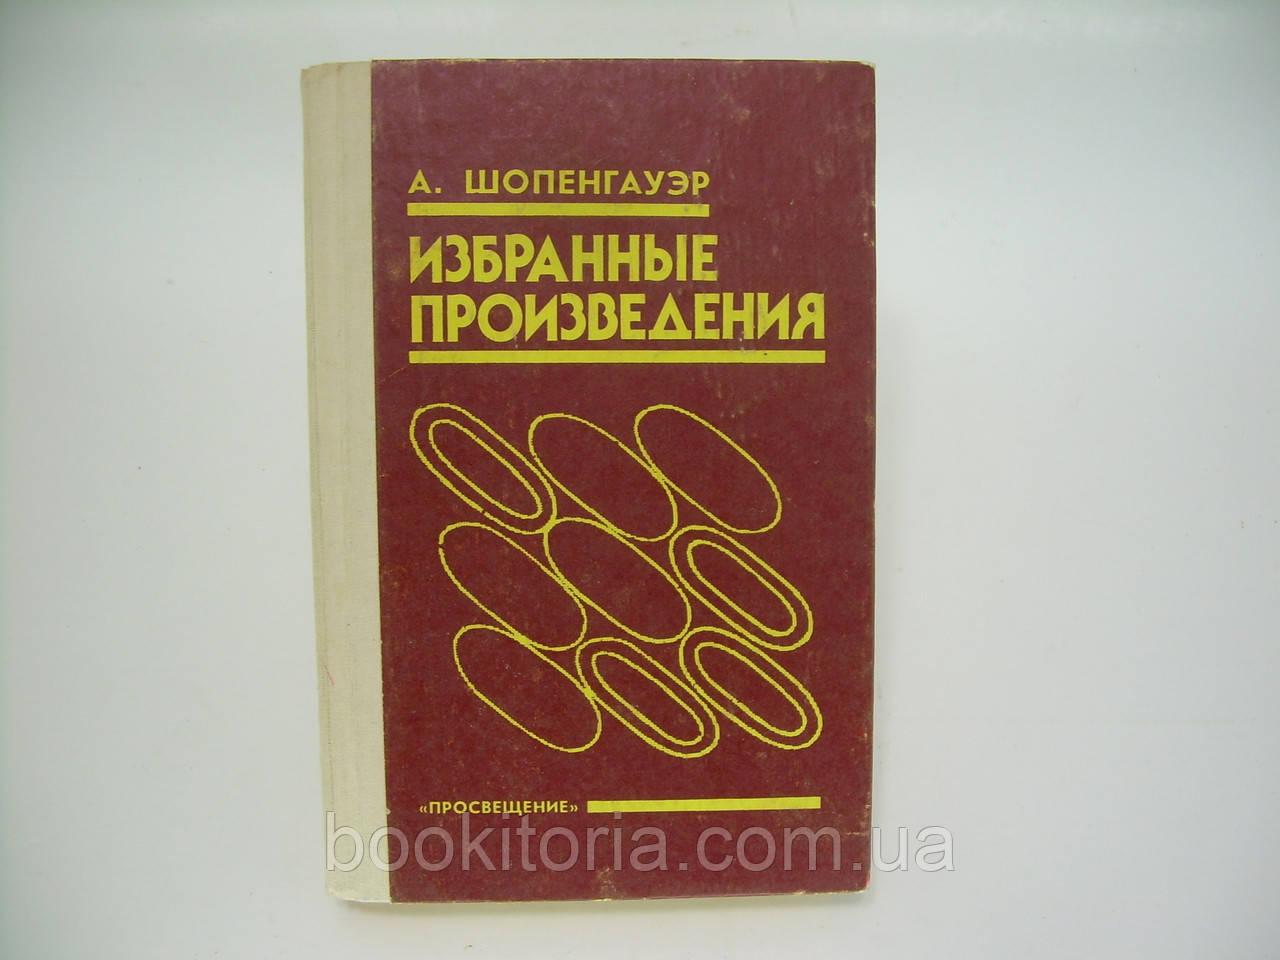 Шопенгауэр А. Избранные произведения (б/у).